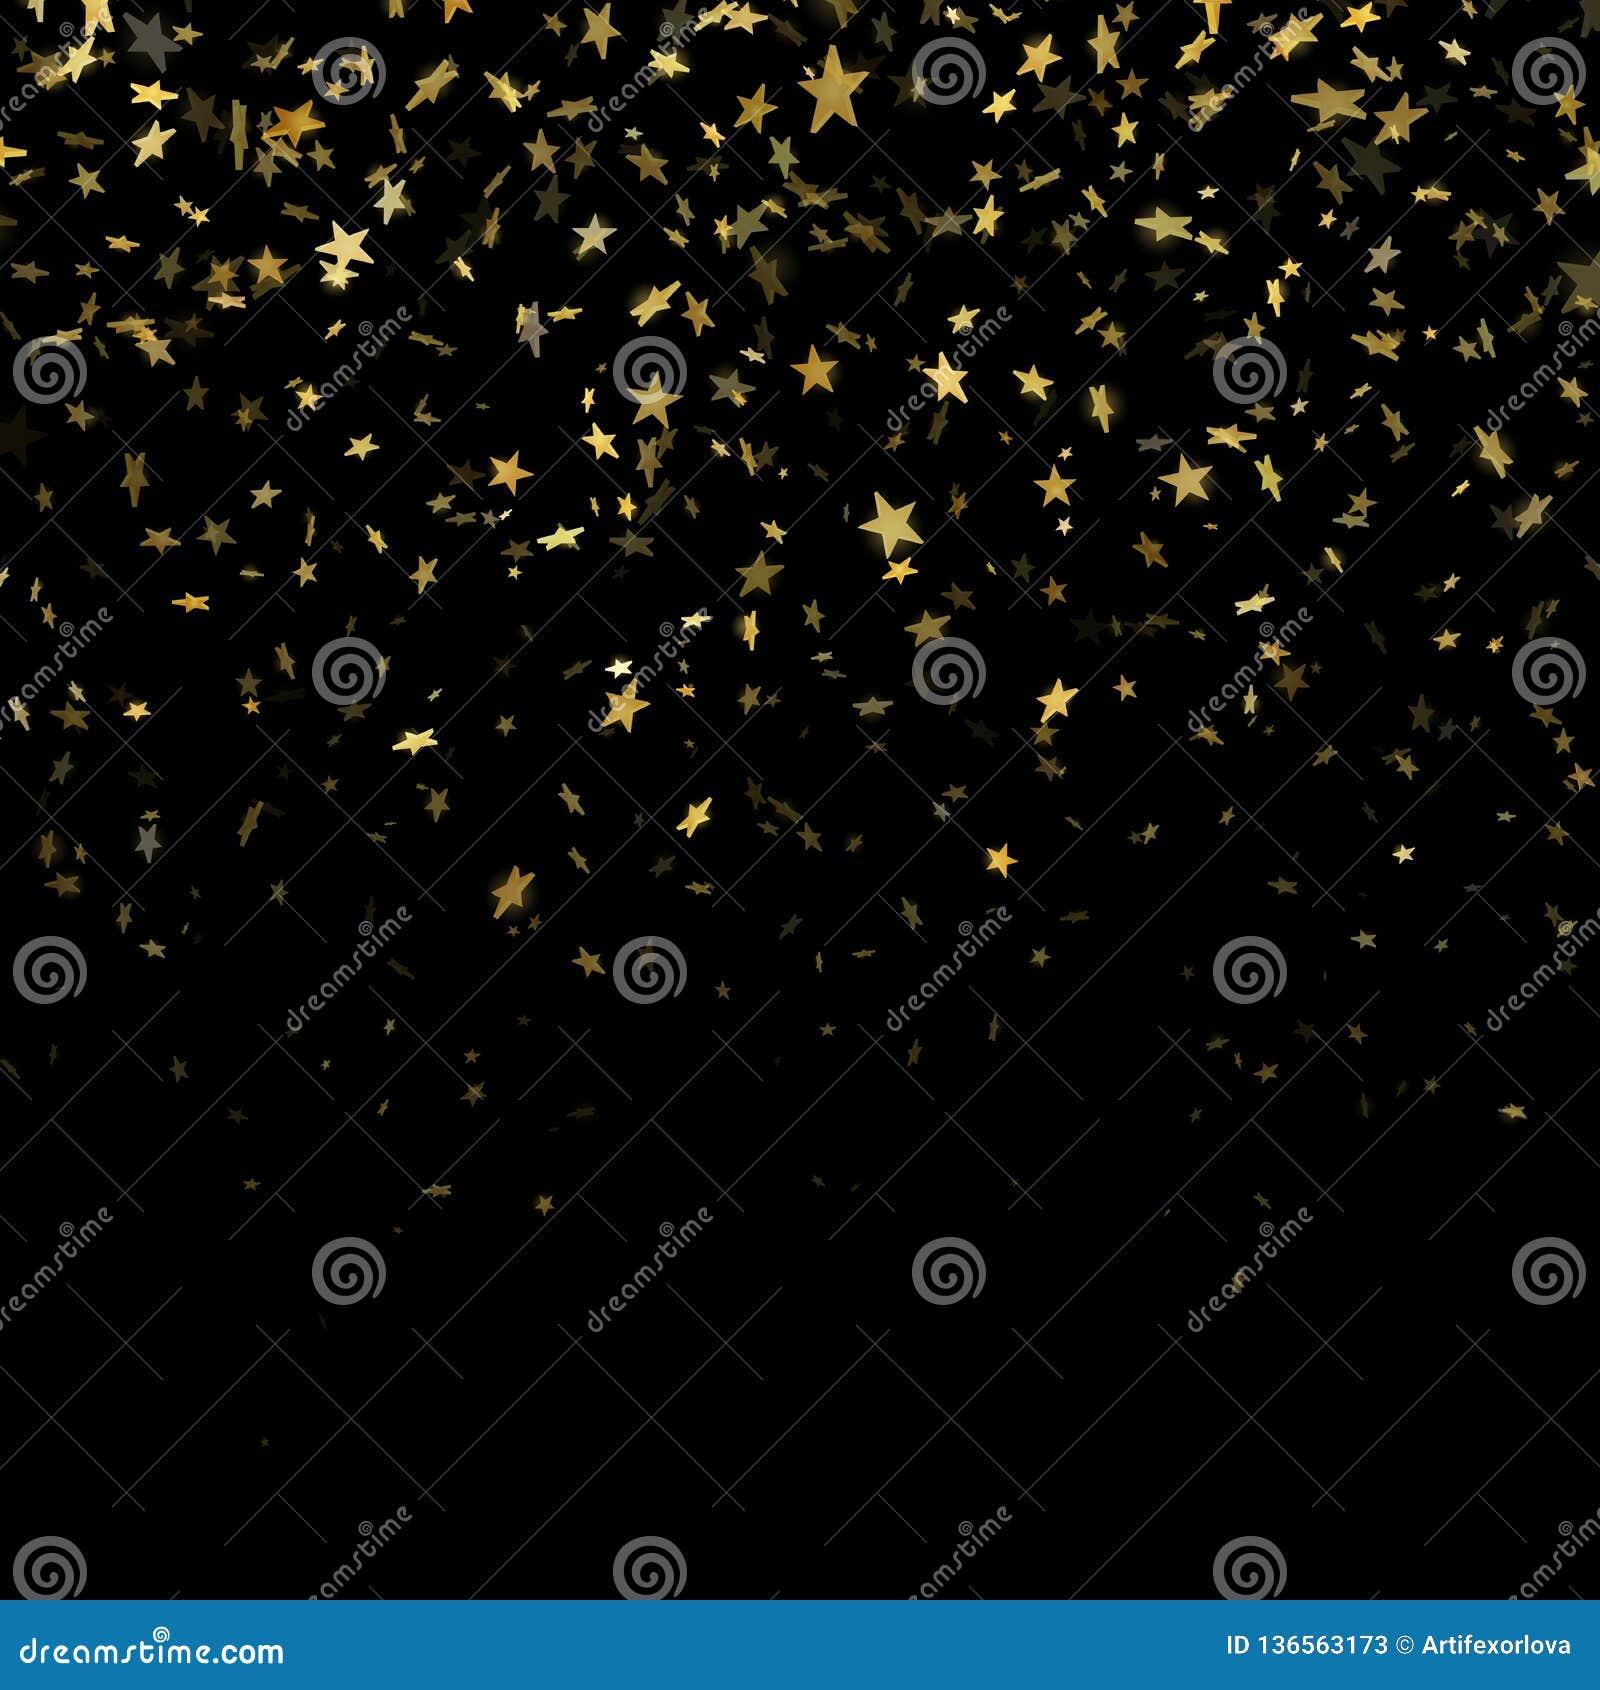 Χρυσή αστεριών κομφετί επίδραση σχεδίων βροχής εορταστική Χρυσά αστέρια όγκου που πέφτουν κάτω από απομονωμένος στο μαύρο υπόβαθρ